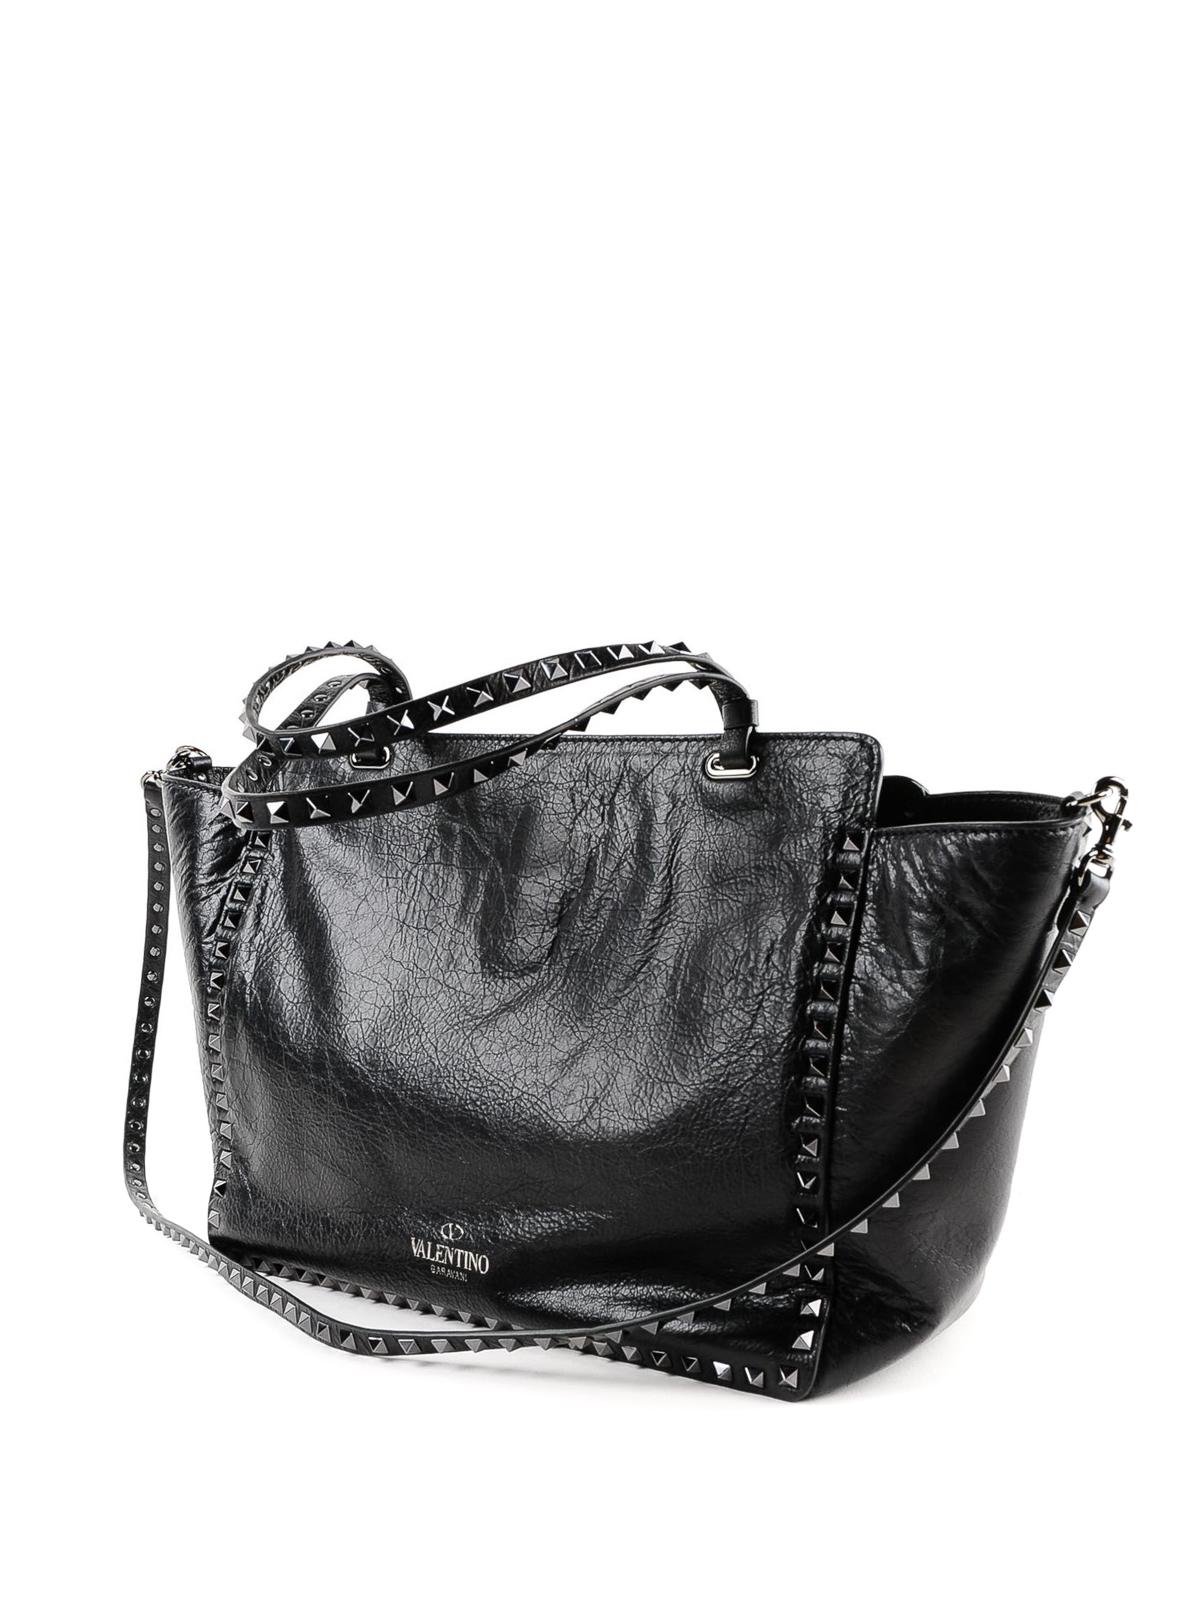 ee388ce7fb iKRIX VALENTINO GARAVANI: totes bags - Rockstud medium tote with stars